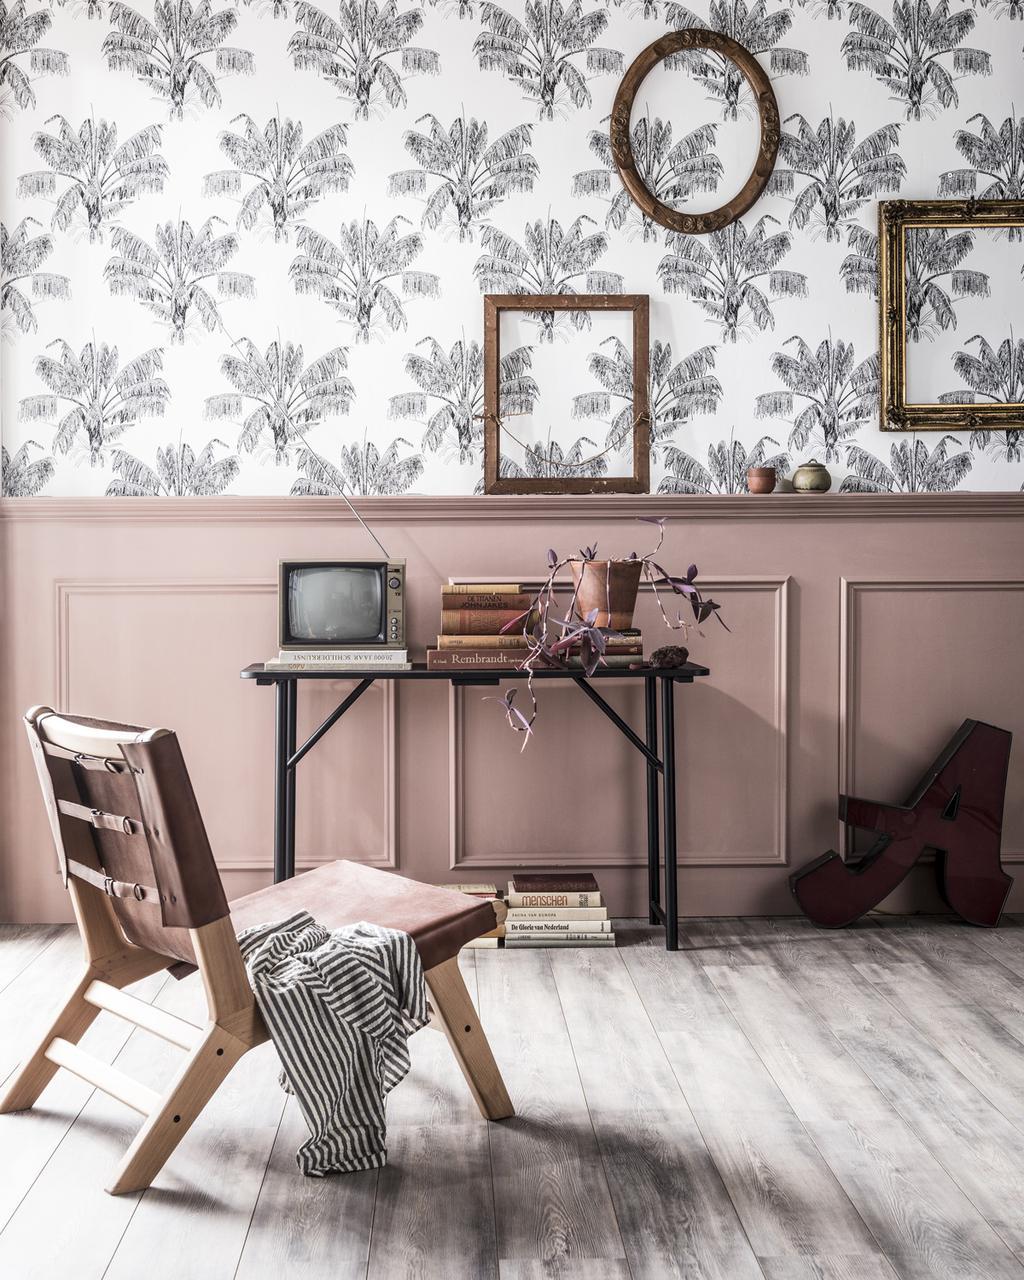 Roze muren en maximalistisch behang: dit zijn de belangrijkste lentetrends